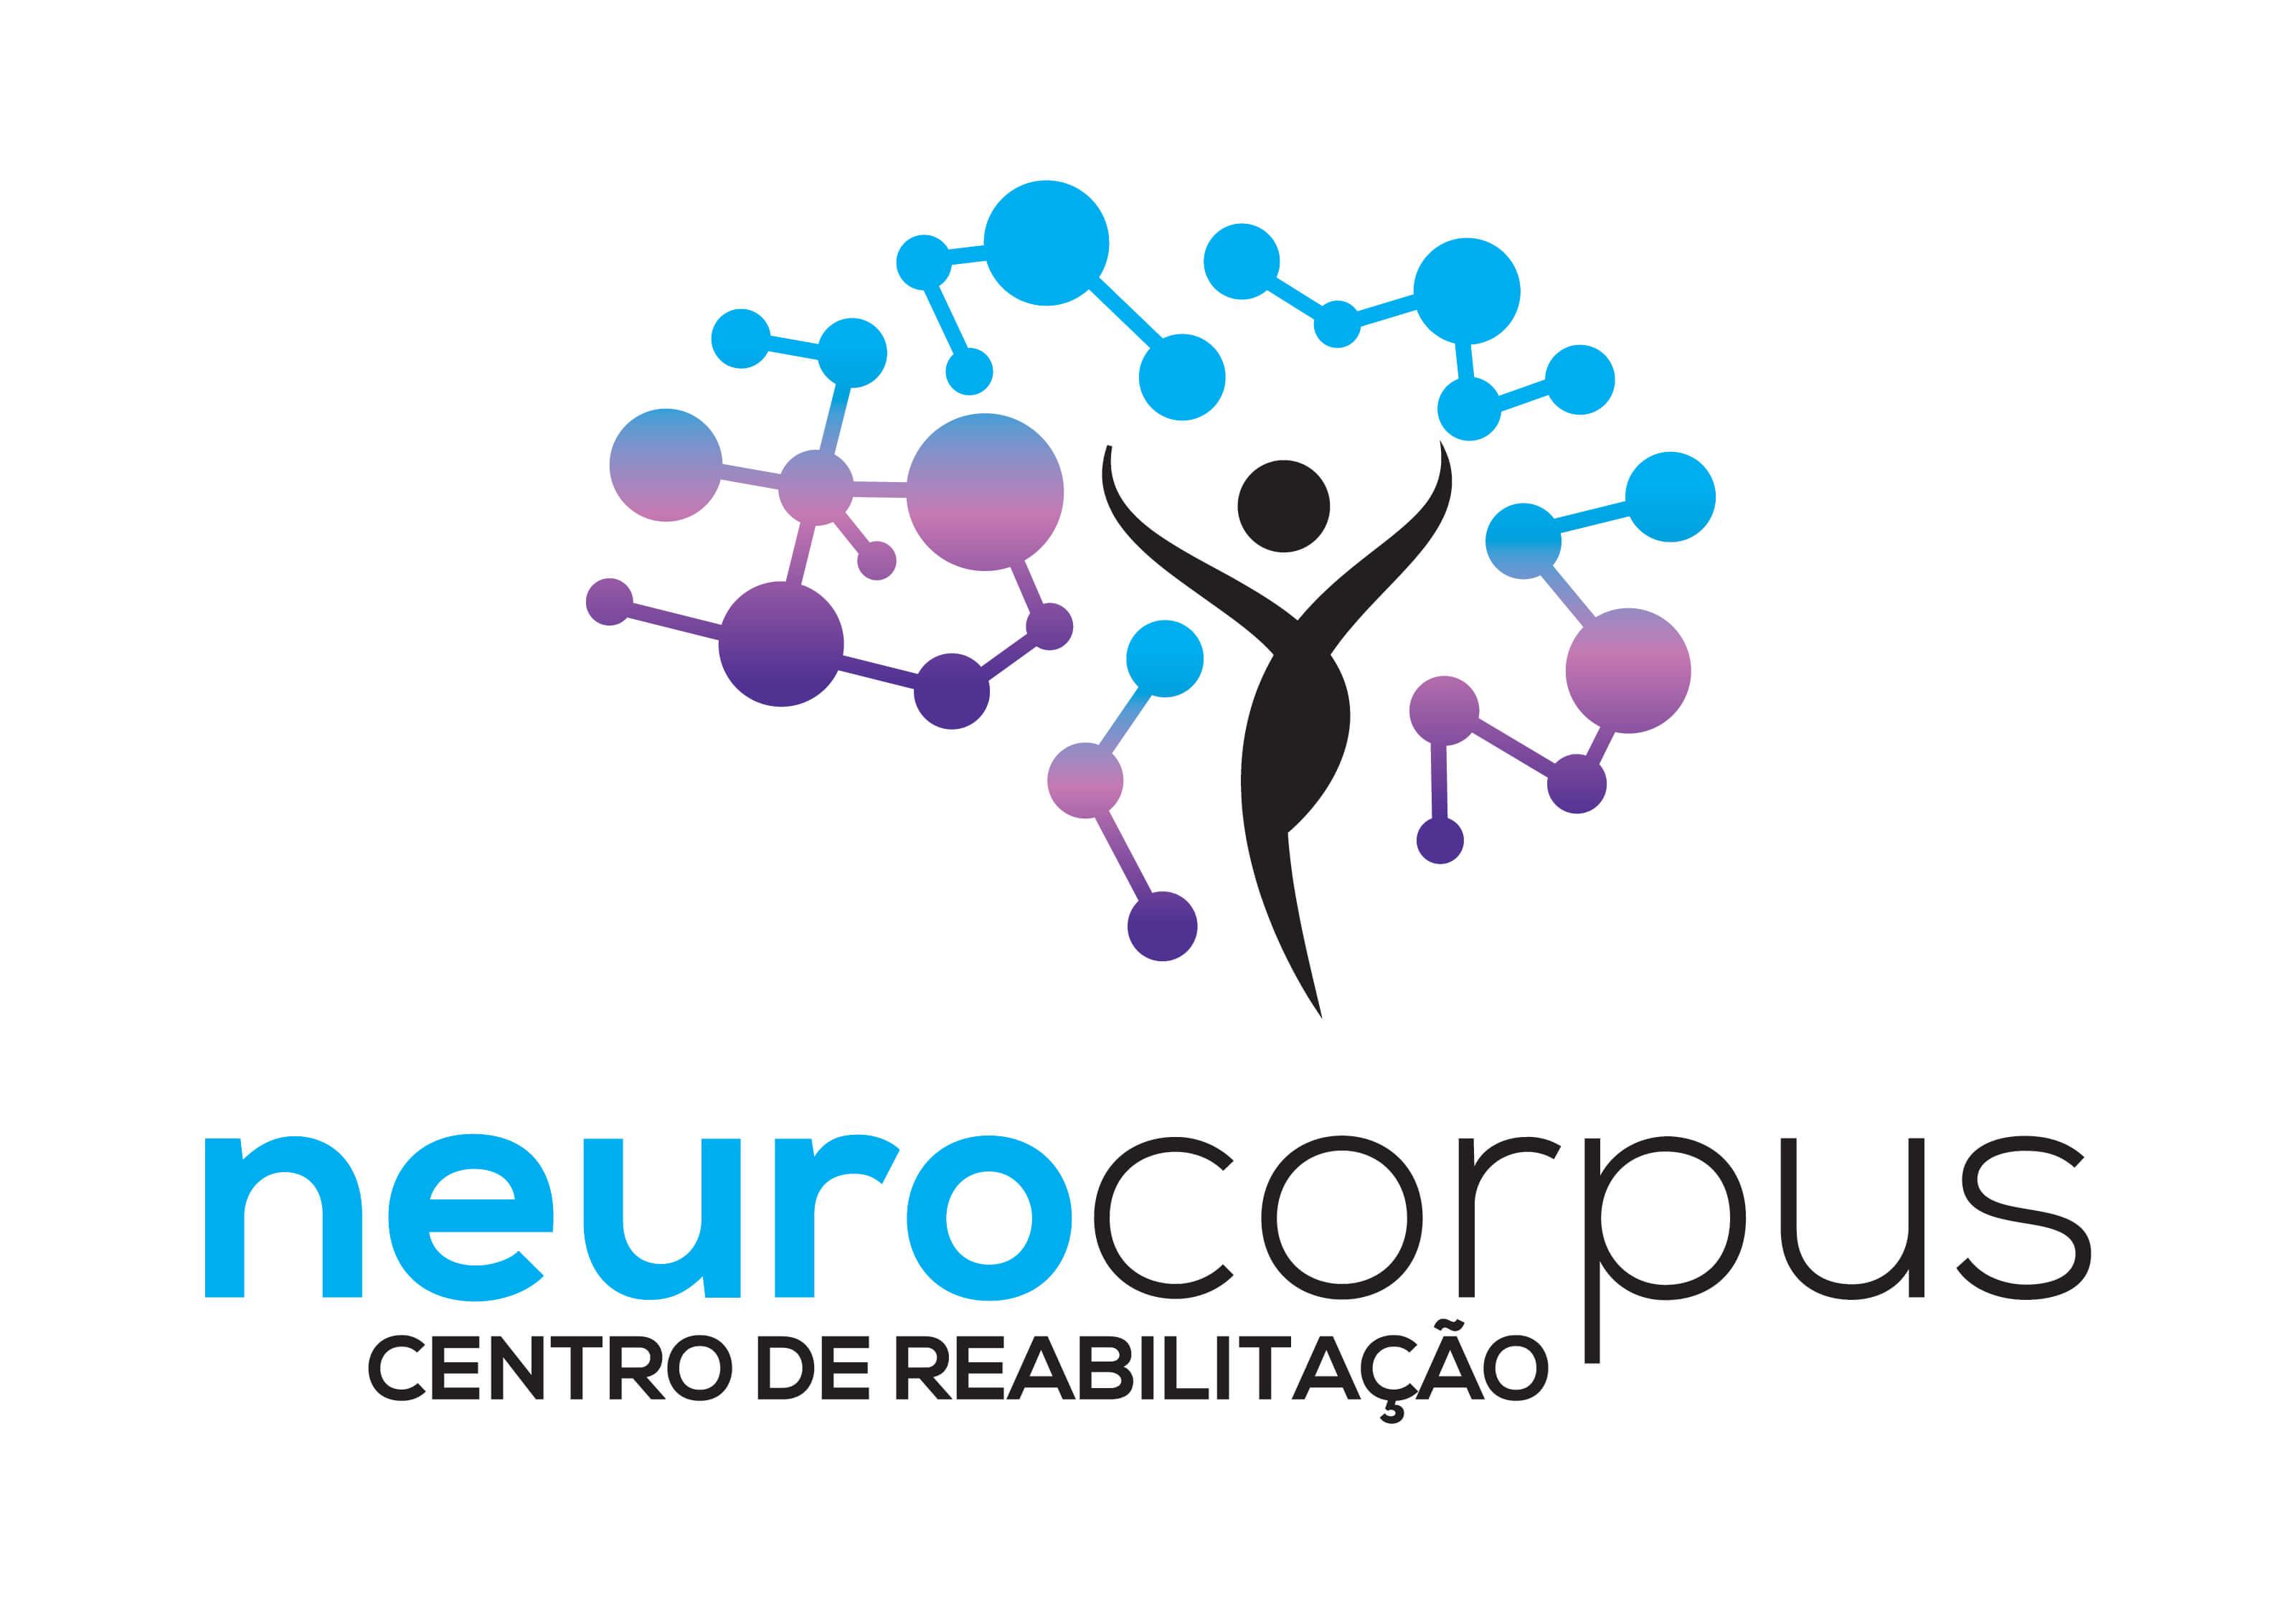 Centro de Reabilitação Neurocorpus